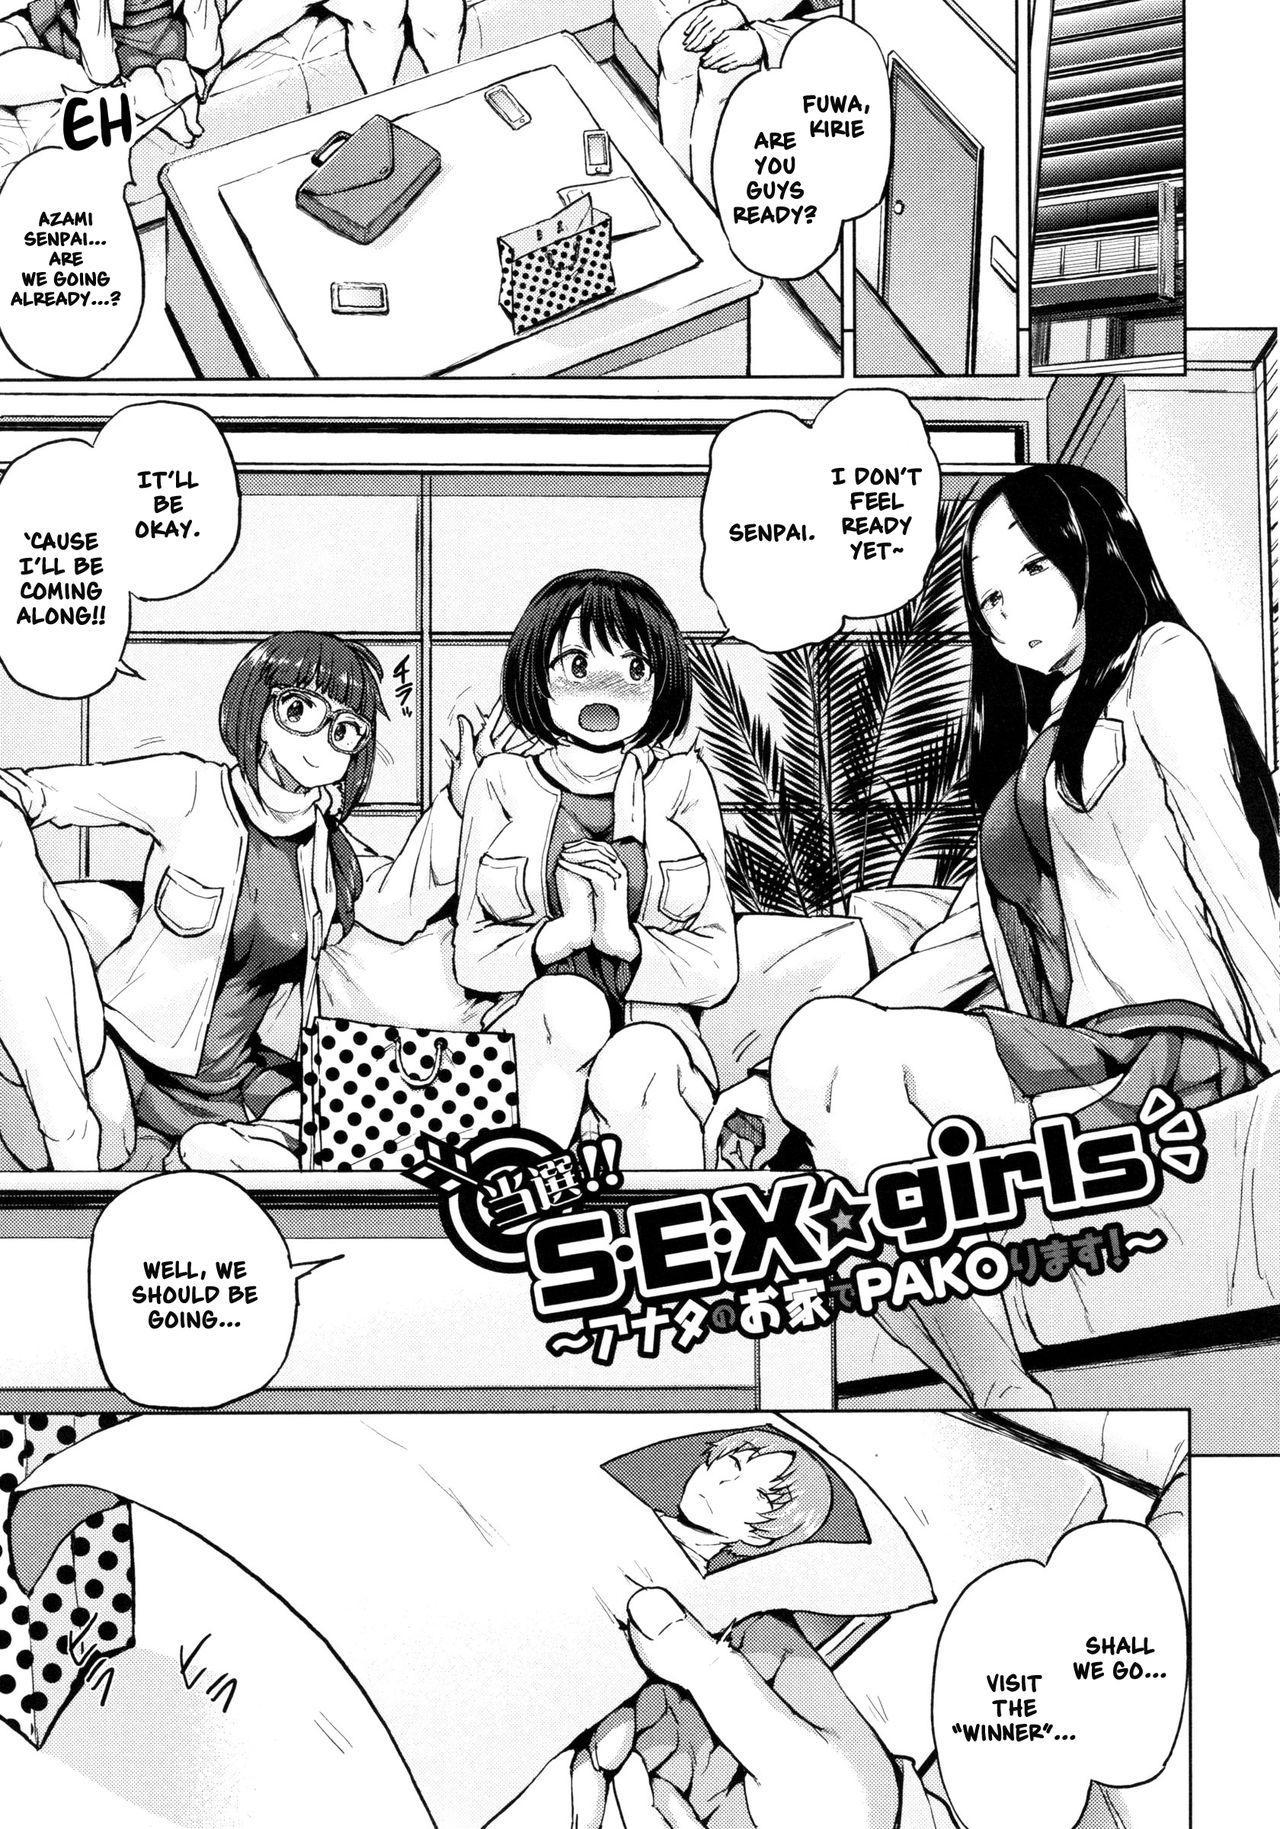 [Yumeno Tanuki] Tousen!! S・E・X☆girls ~Anata no Ouchi de Pakorimasu~ | Winner!! S・E・X☆girls ~We'll Fuck at Your Home~ (Pacori Share) [English] [Nishimaru] 0